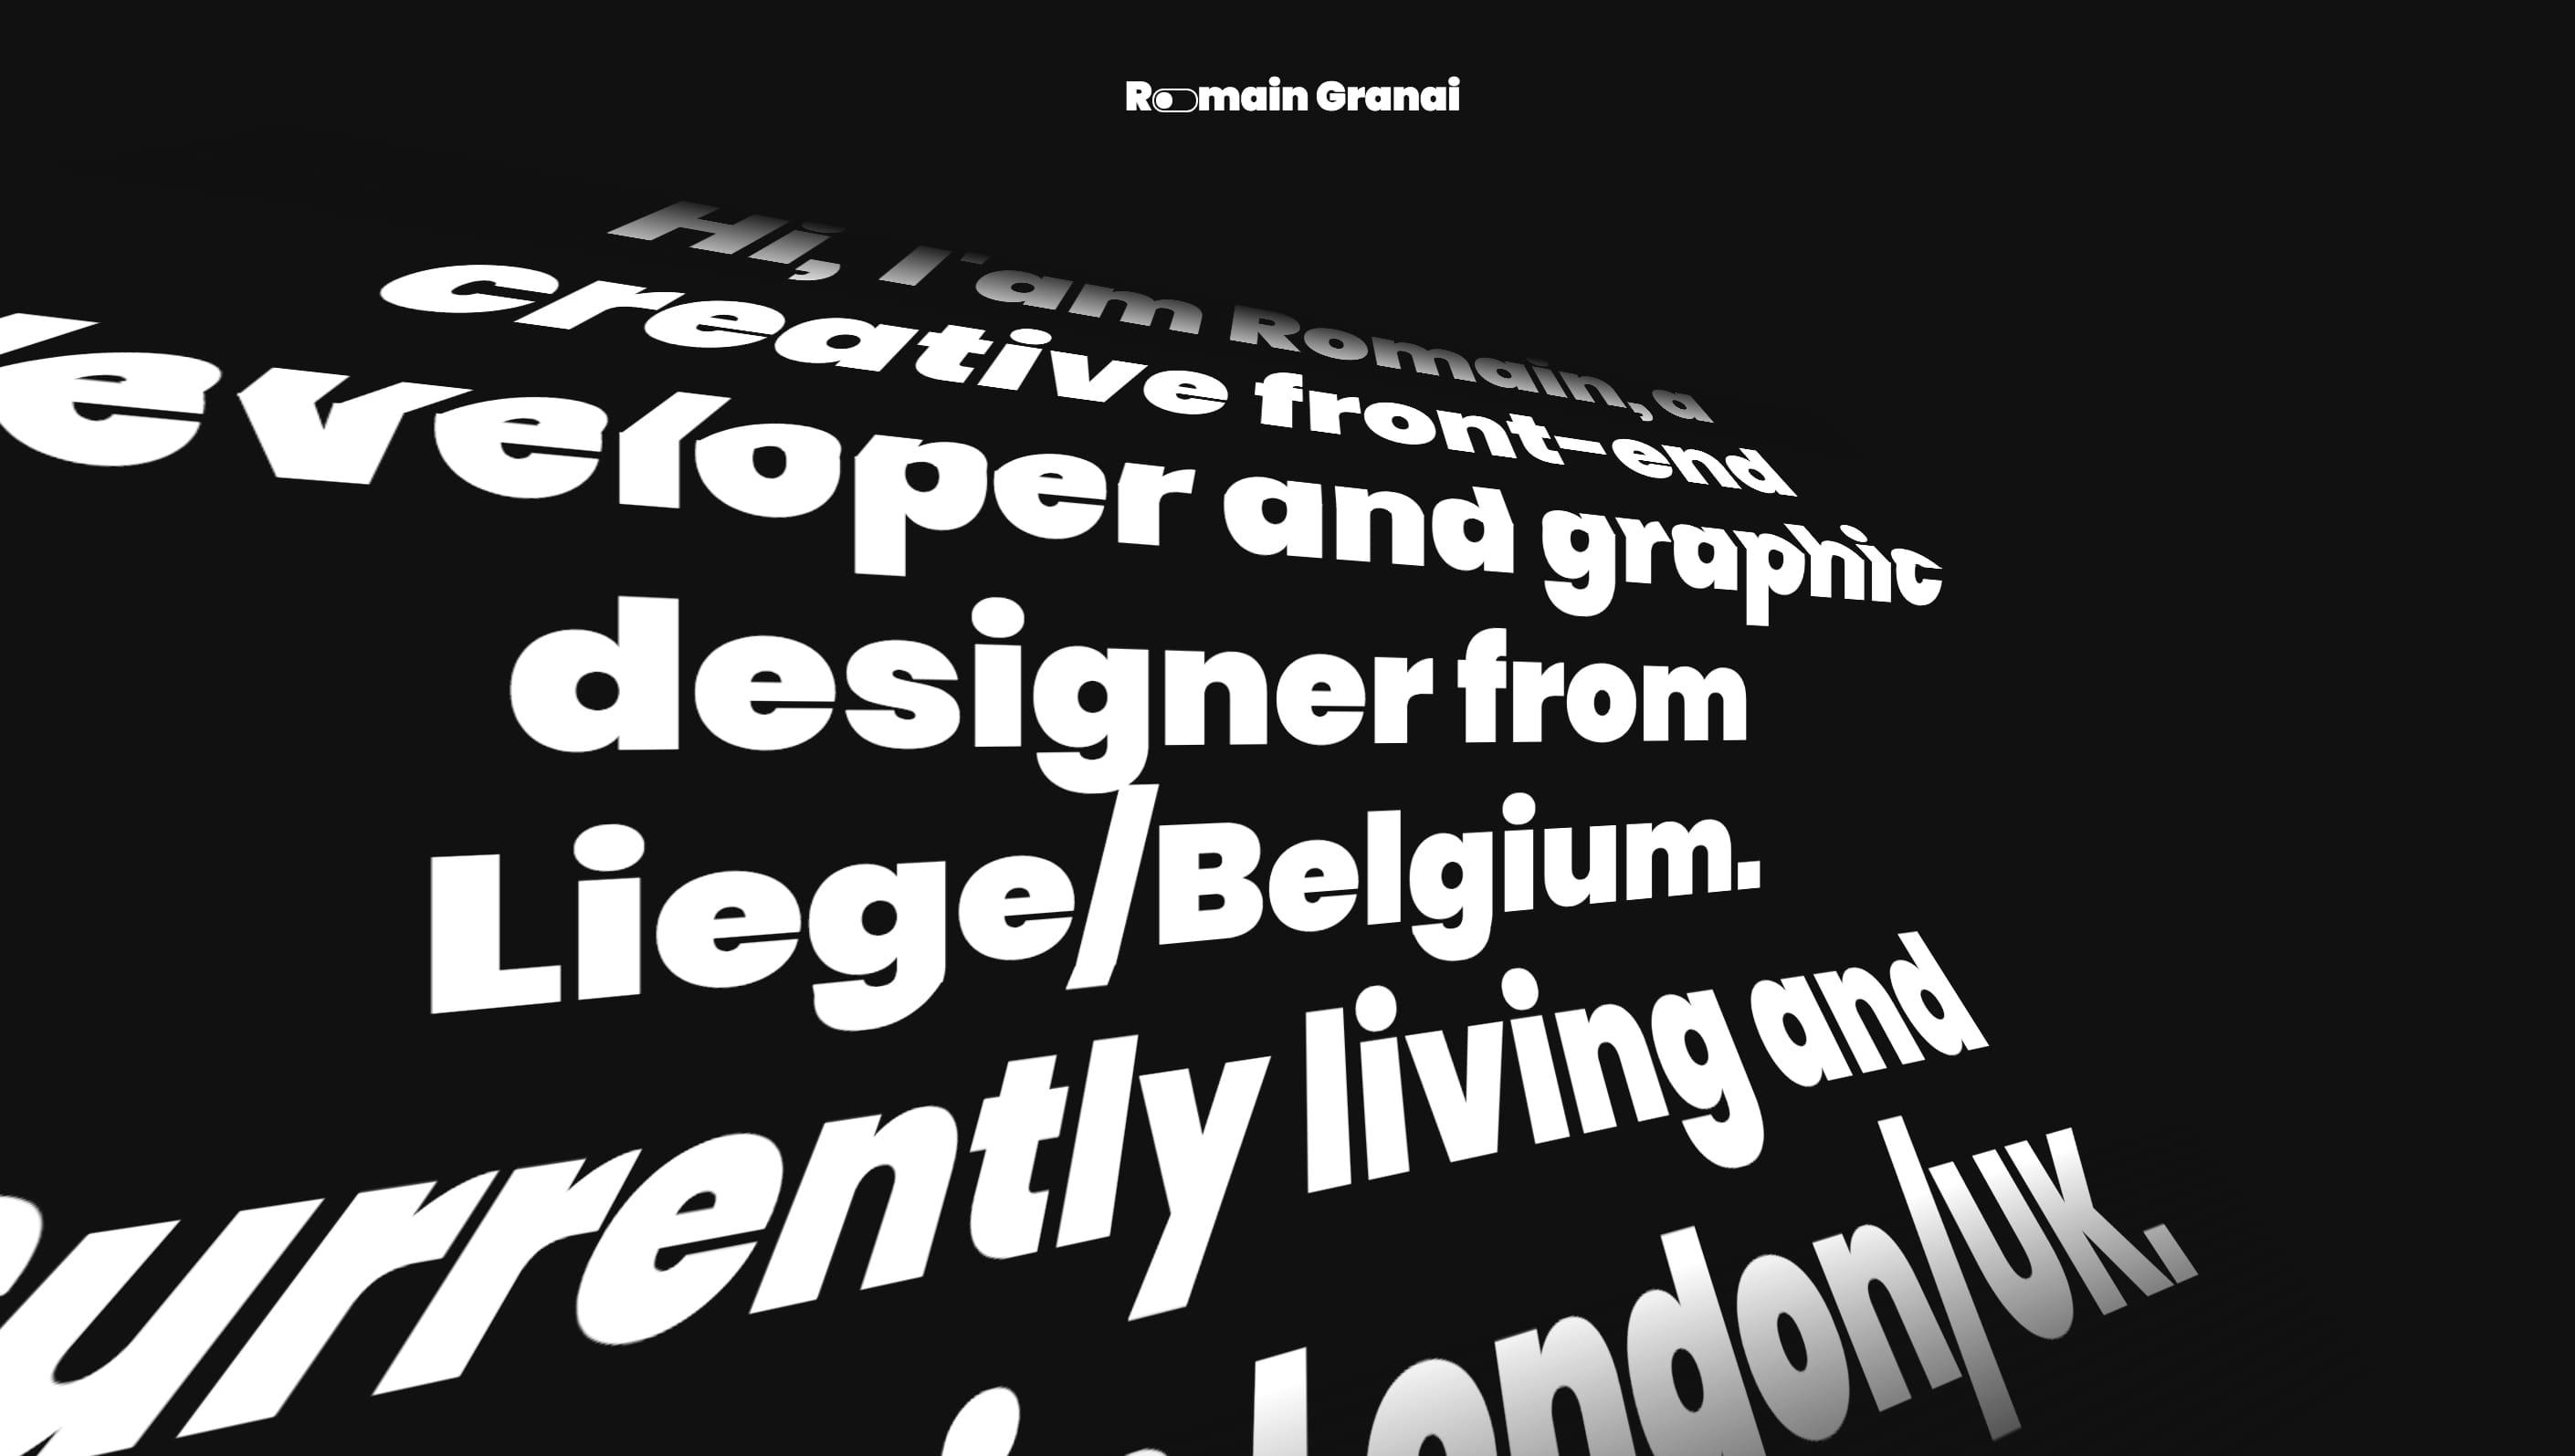 Romain Granai Website Screenshot